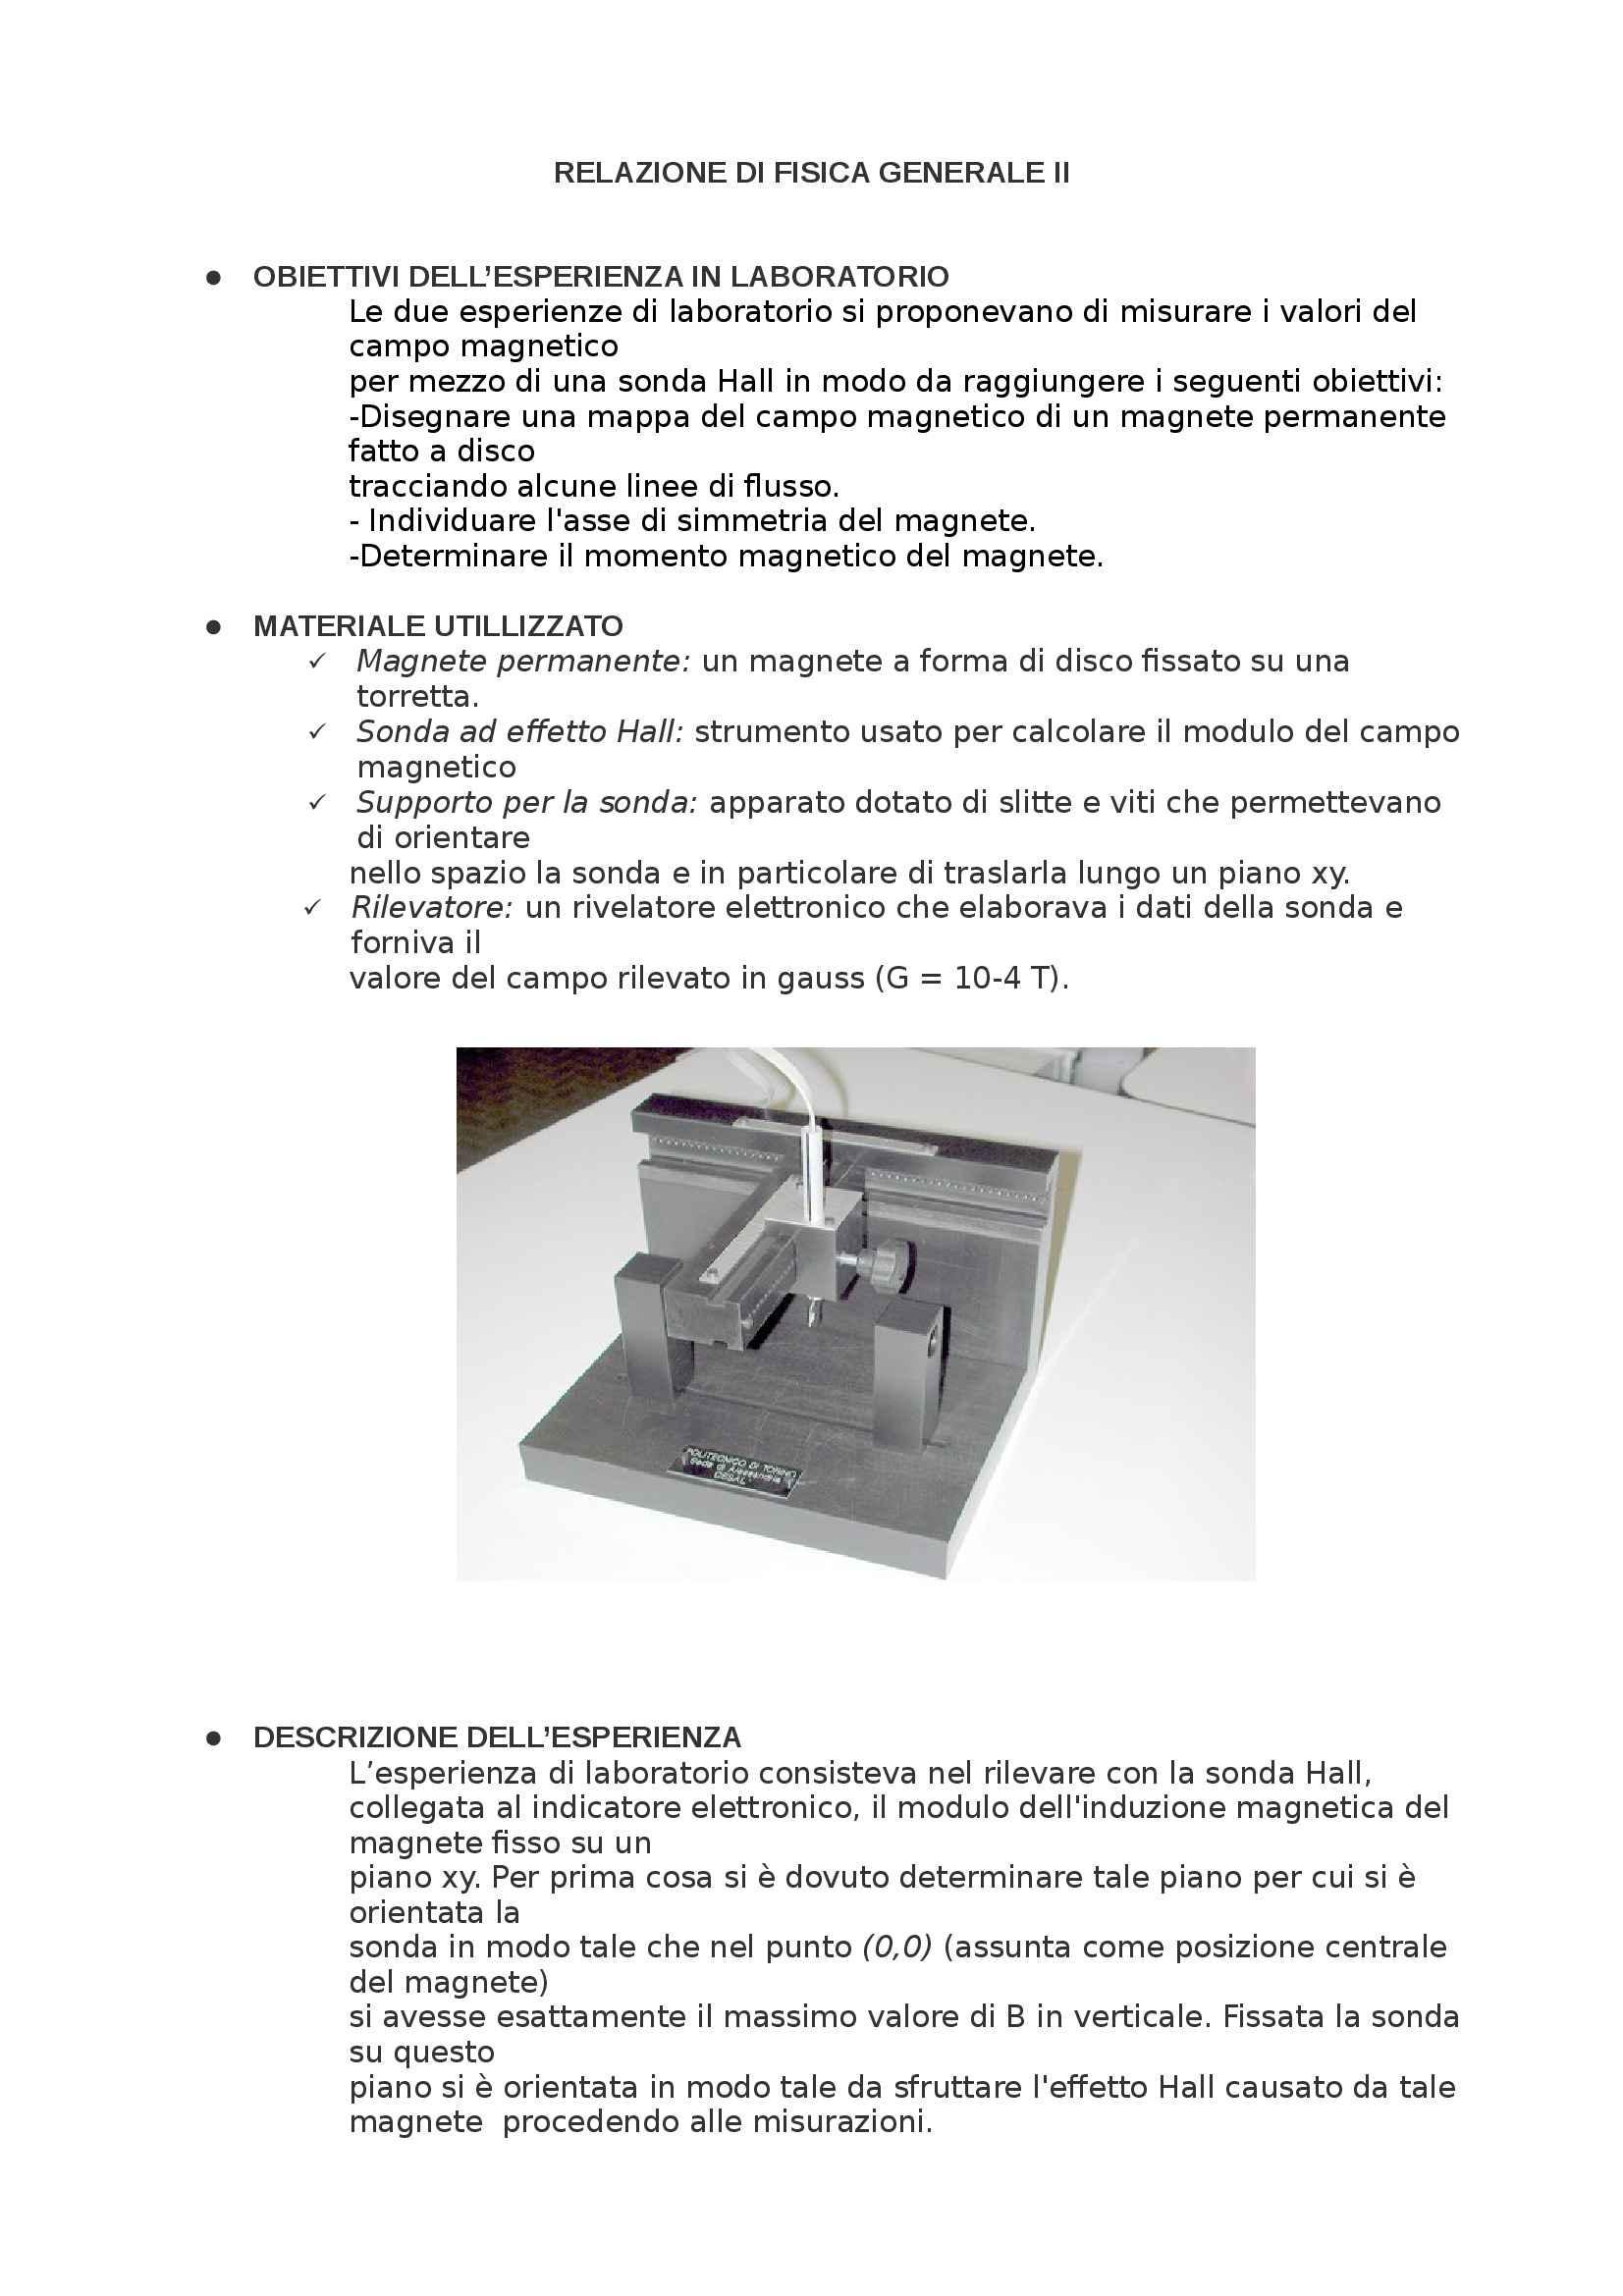 Fisica II - Mappatura Campo Magnetico relazione